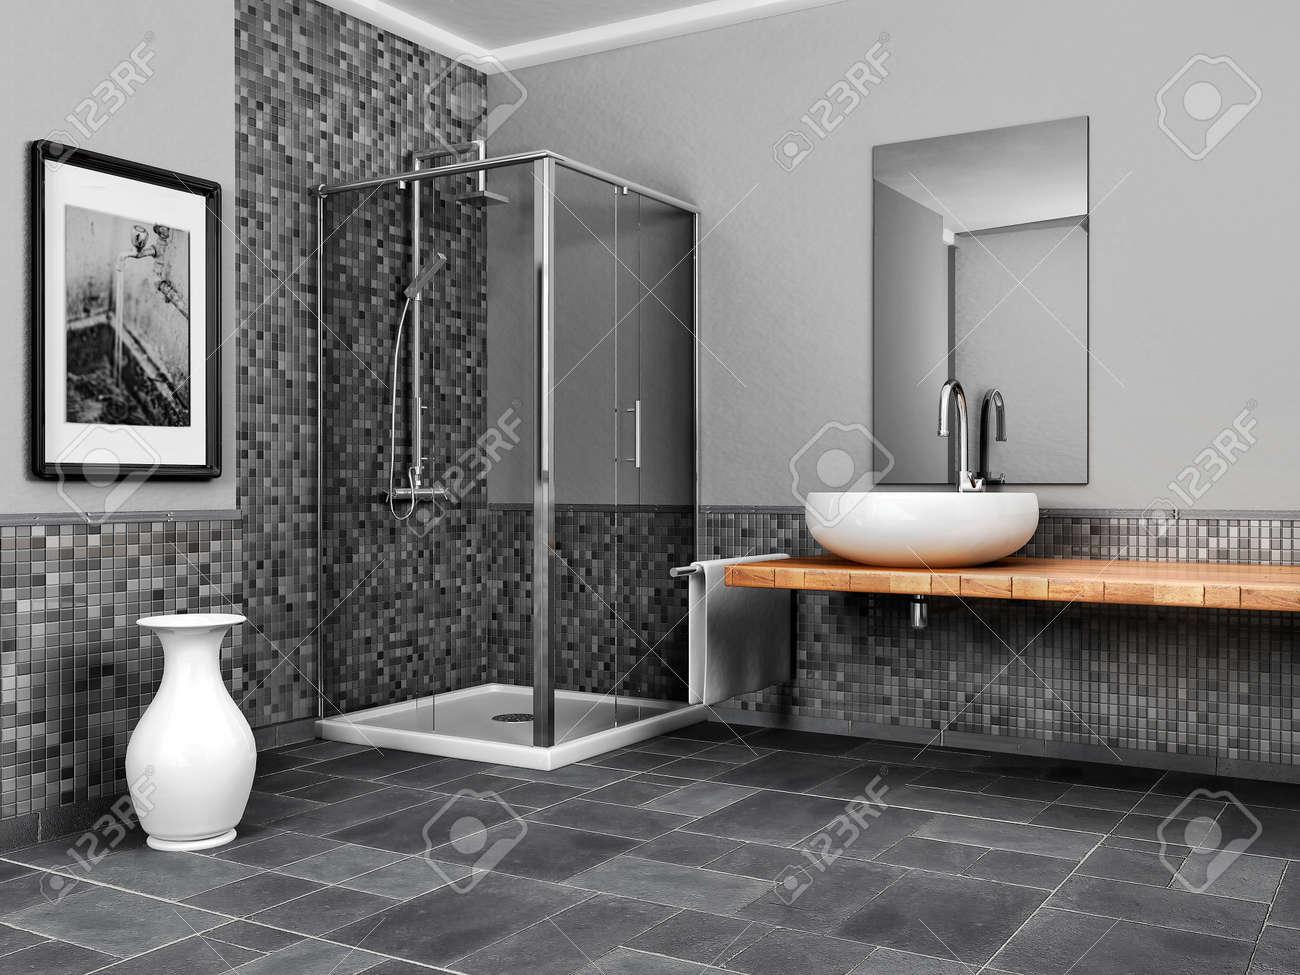 Großes Bad Mit Stein Und Mosaik Grauton Standard Bild   37454007